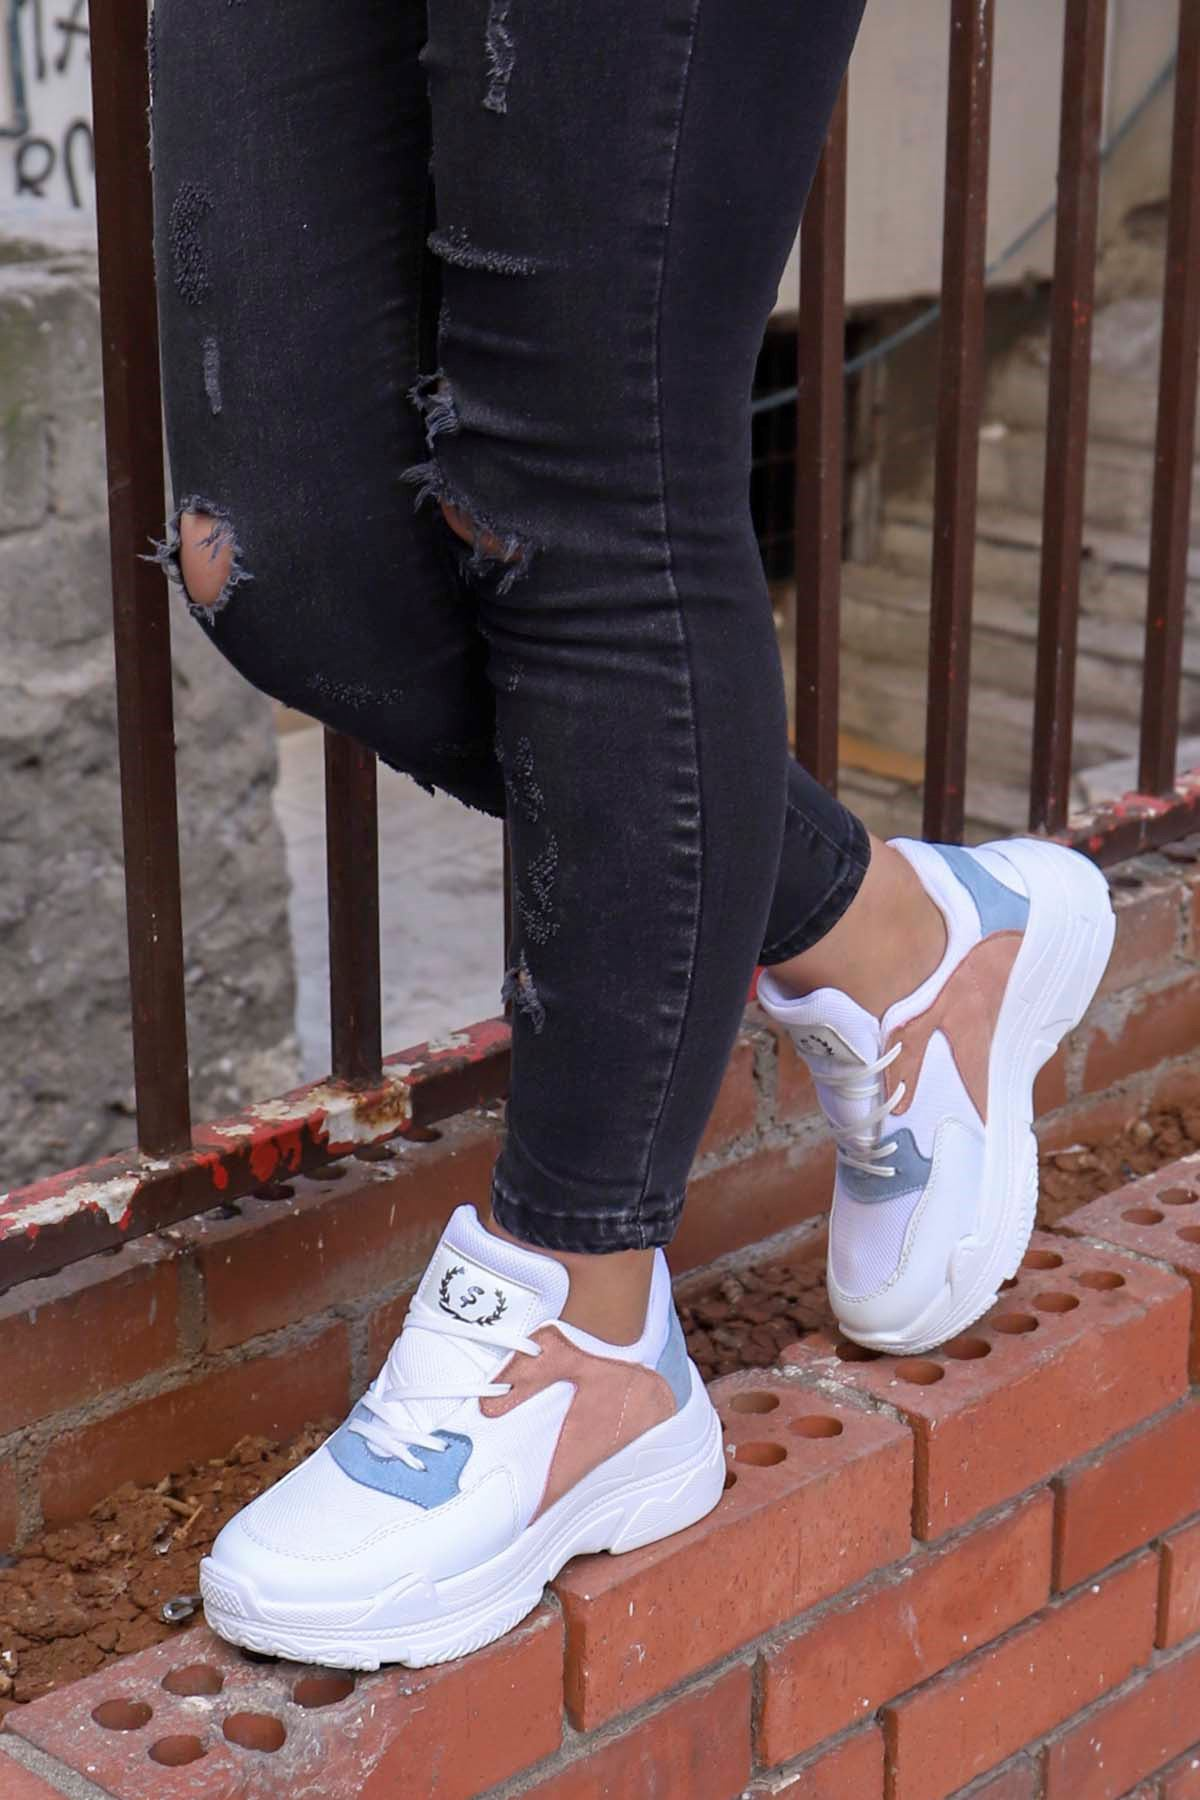 Snz-701 Tabanlı Spor Ayakkabı Beyaz Mavi